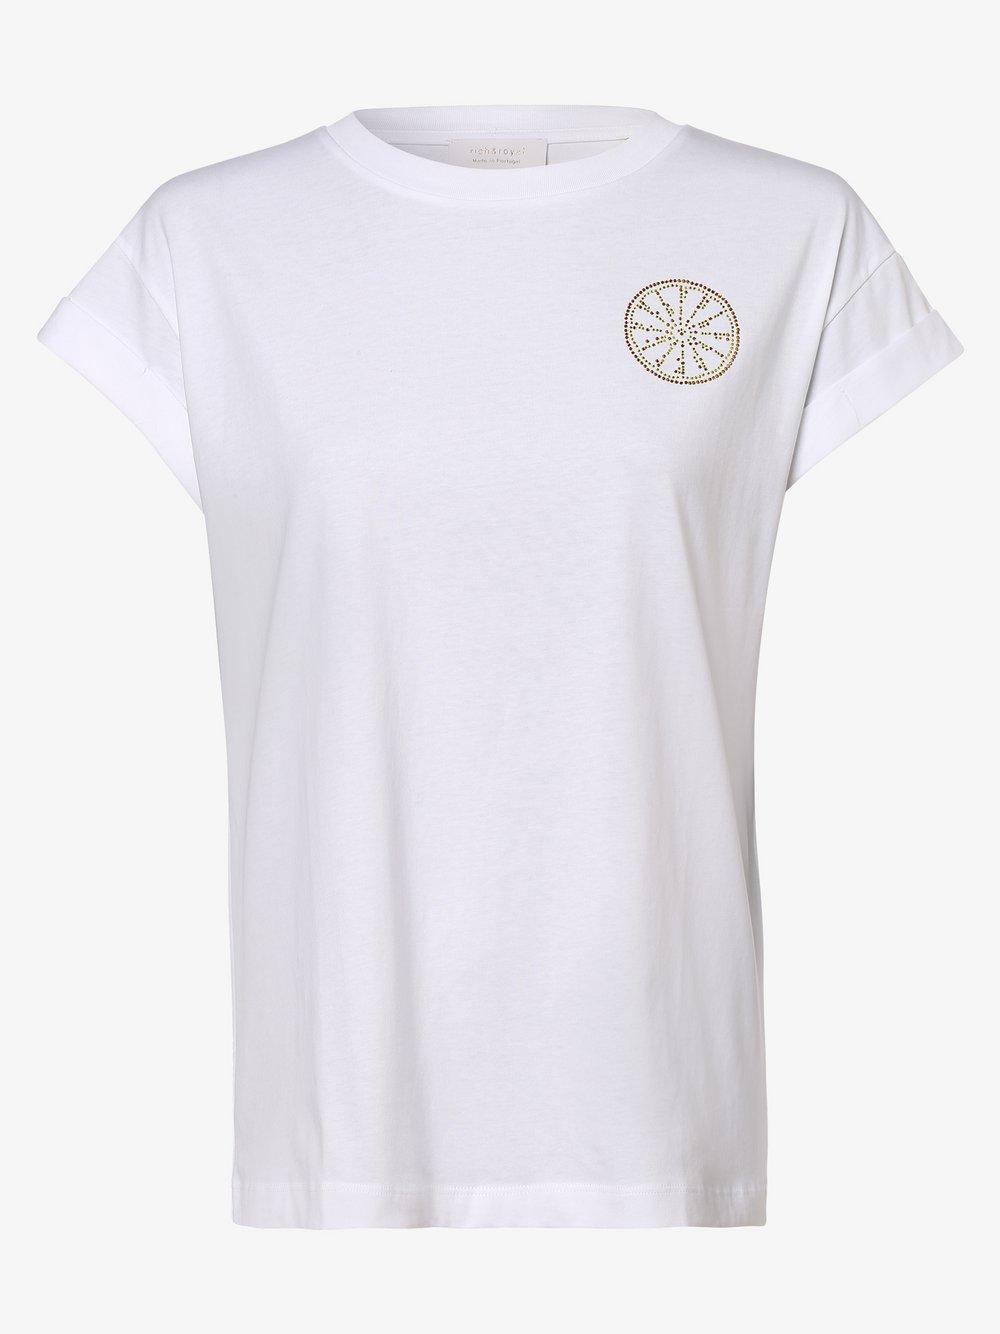 Rich & Royal - T-shirt damski, biały